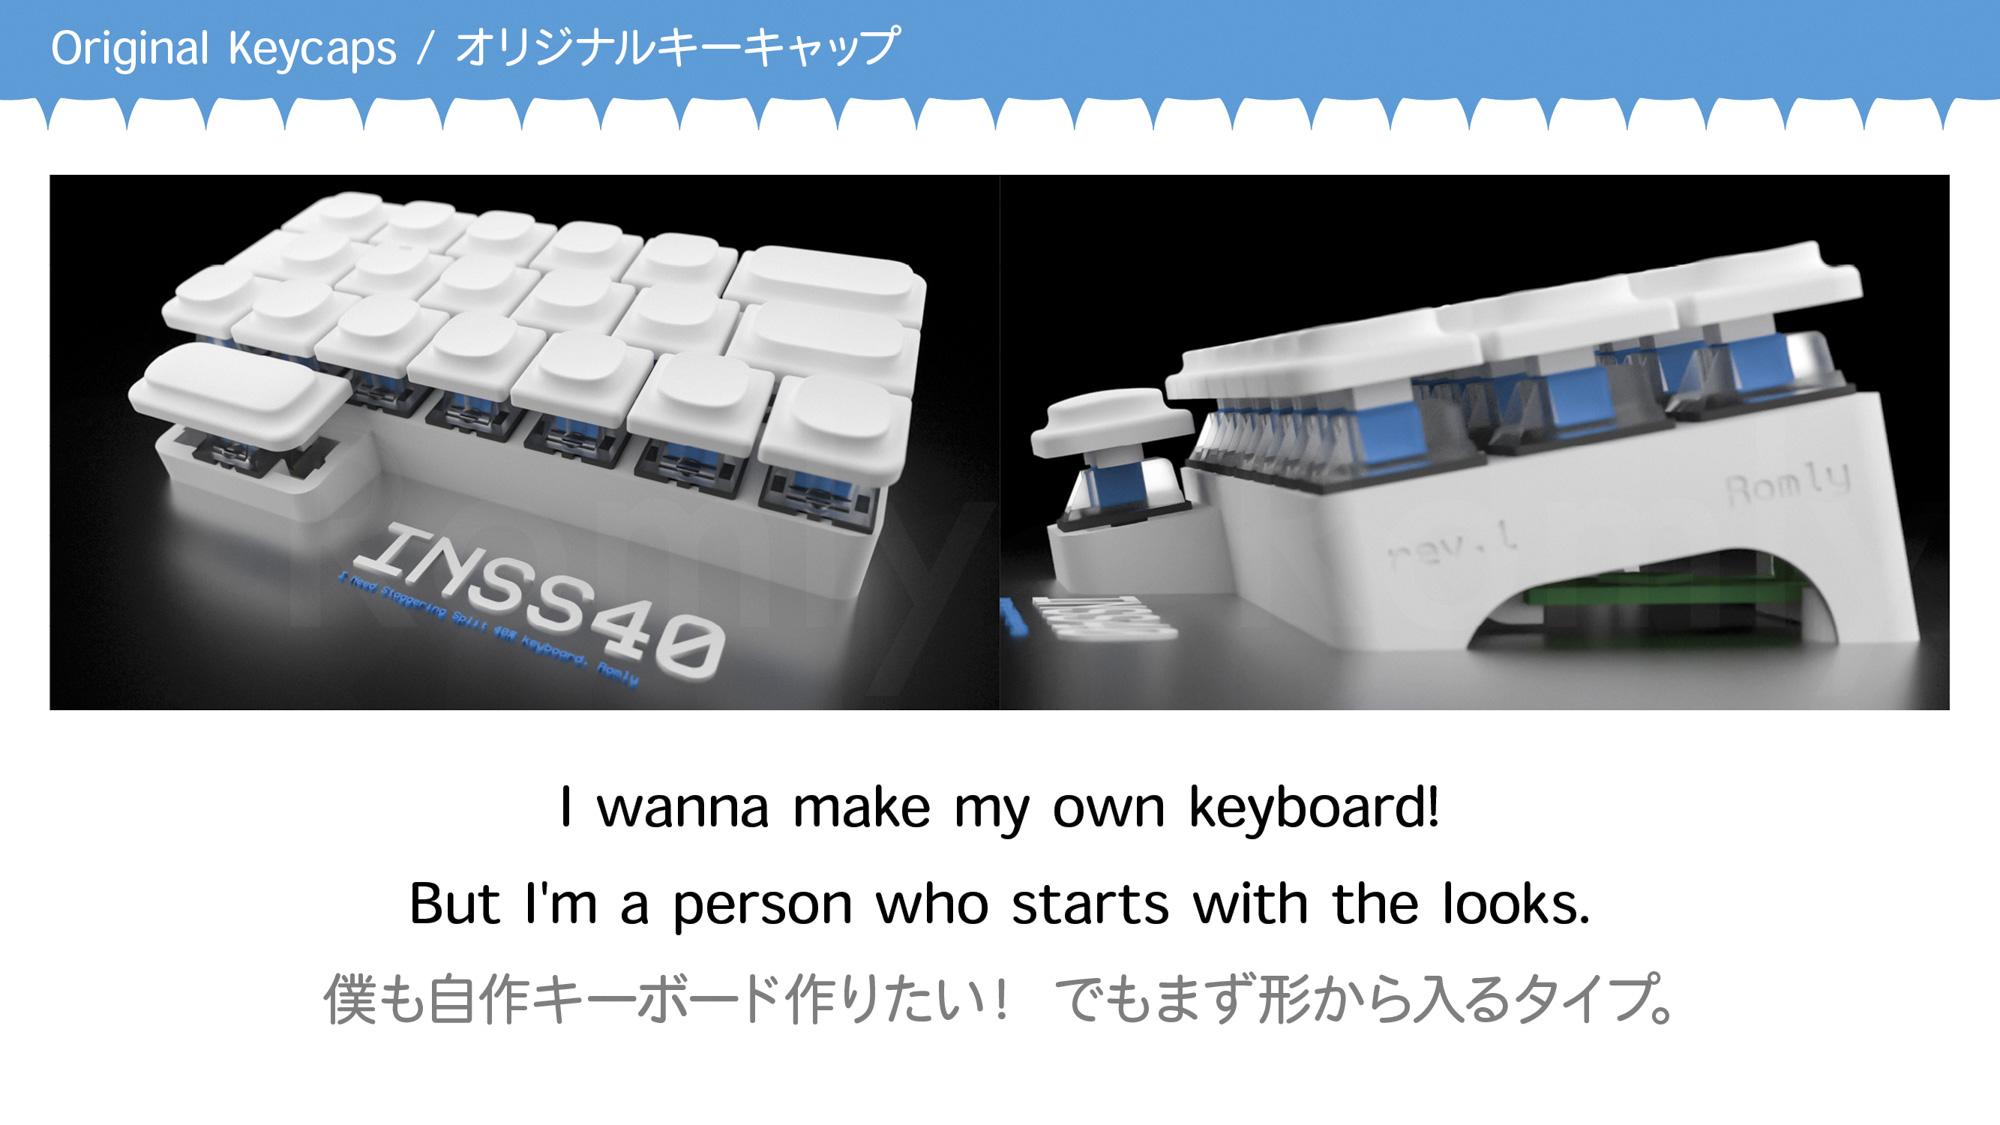 Tokyomk4 romly.com slide 10